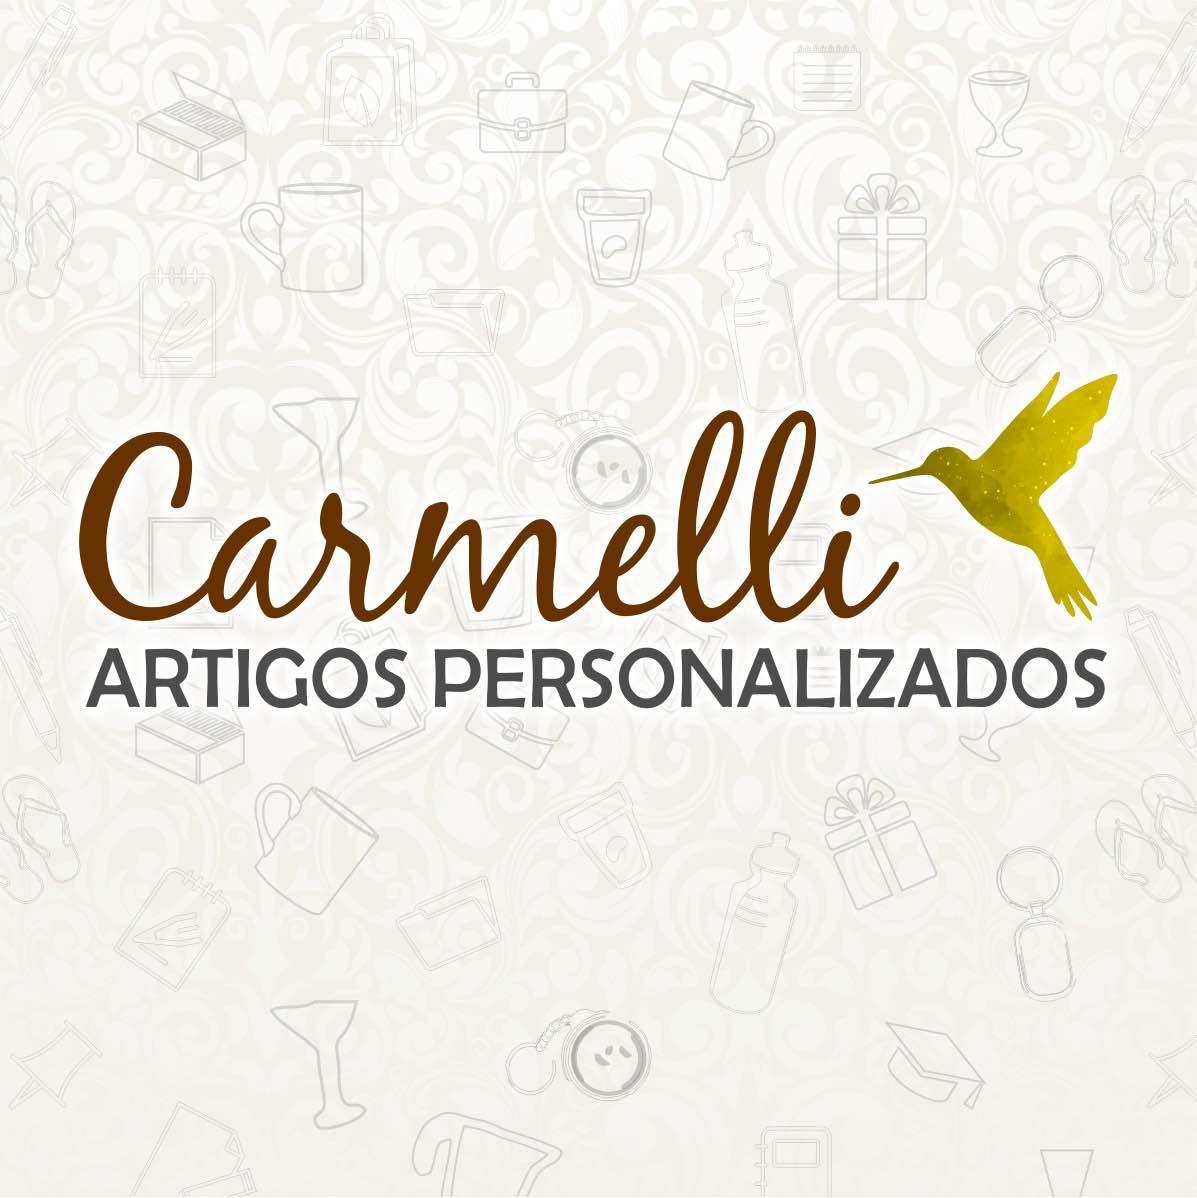 Carmelli artigos personalizados